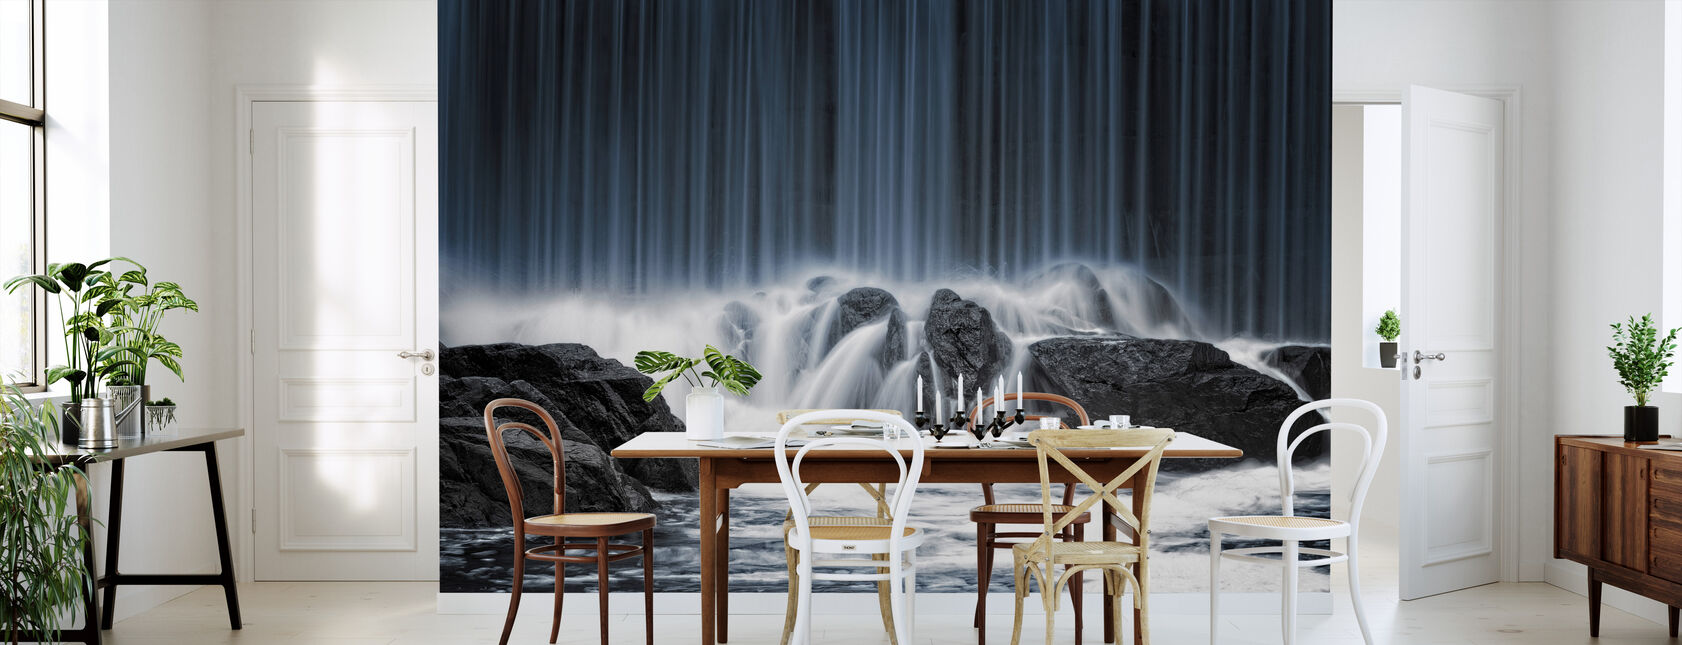 Water Curtain - Wallpaper - Kitchen